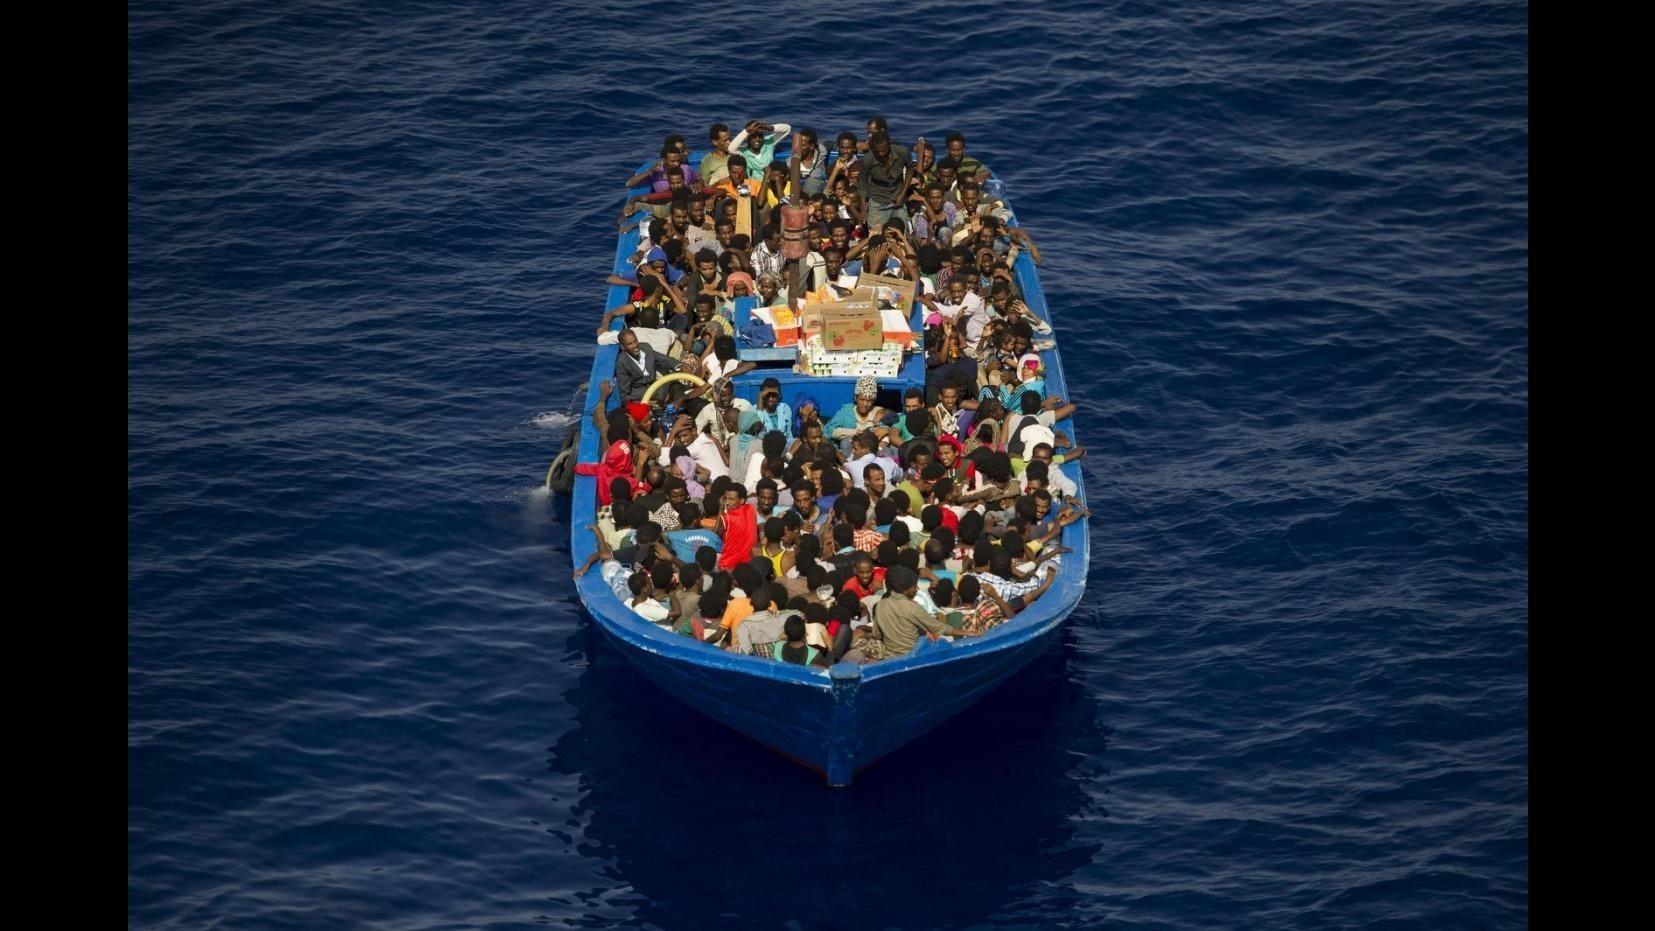 Immigrazione, Unhcr: Mancanza aiuti ha costretto siriani a partire